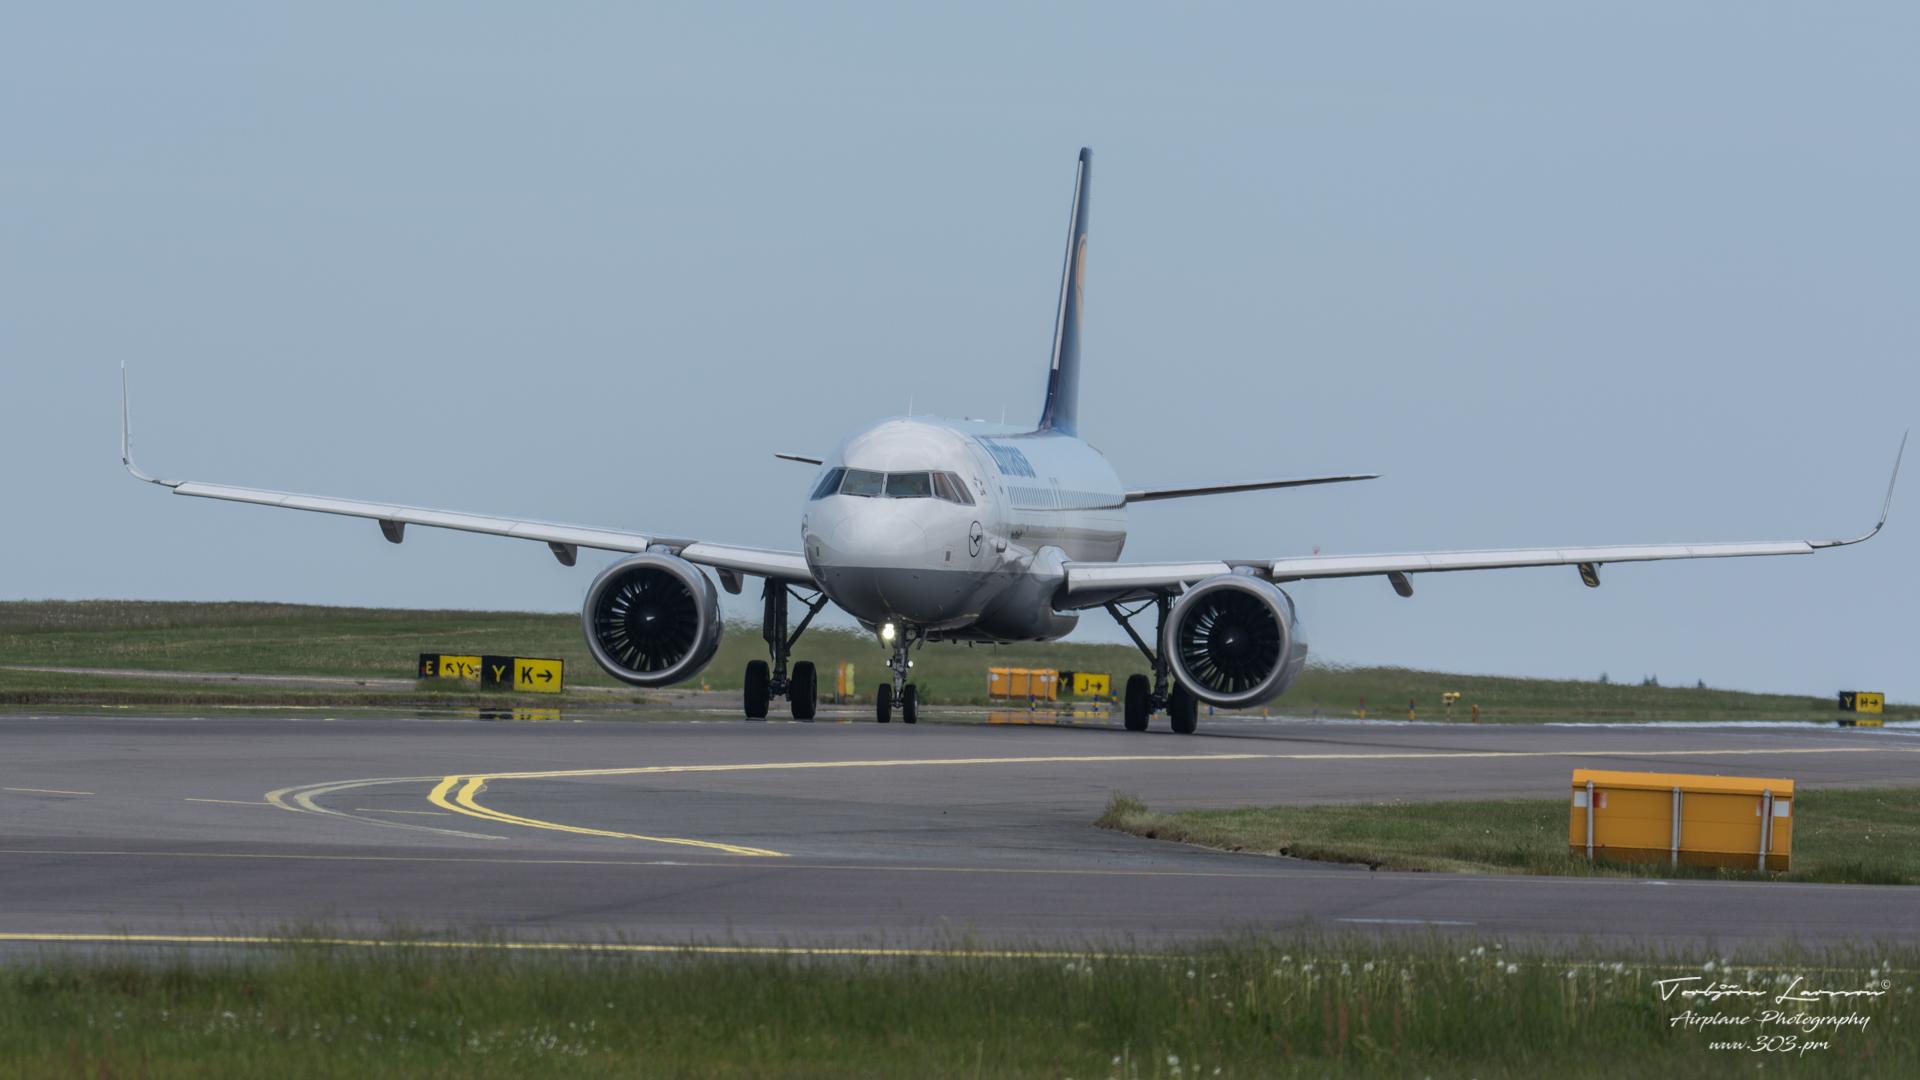 TBE_8195-Airbus A320-271N(SL) - Lufthansa - (D-AING)